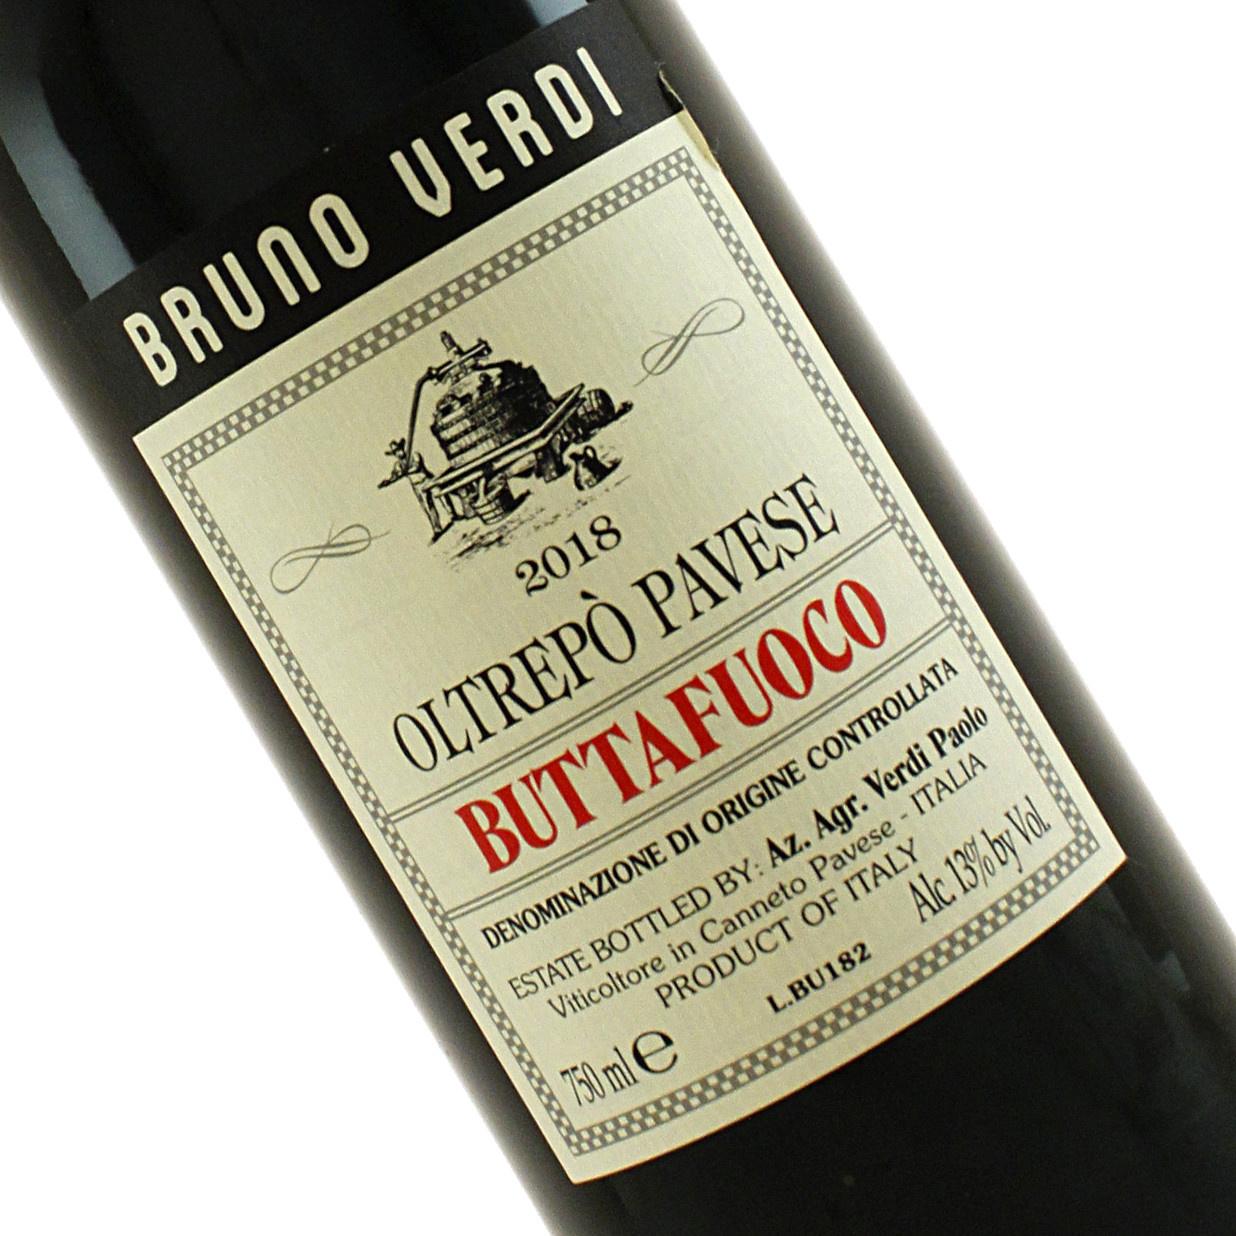 Bruno Verdi 2018 Buttafuoco Oltrepo Pavese Rosso, Lombardy